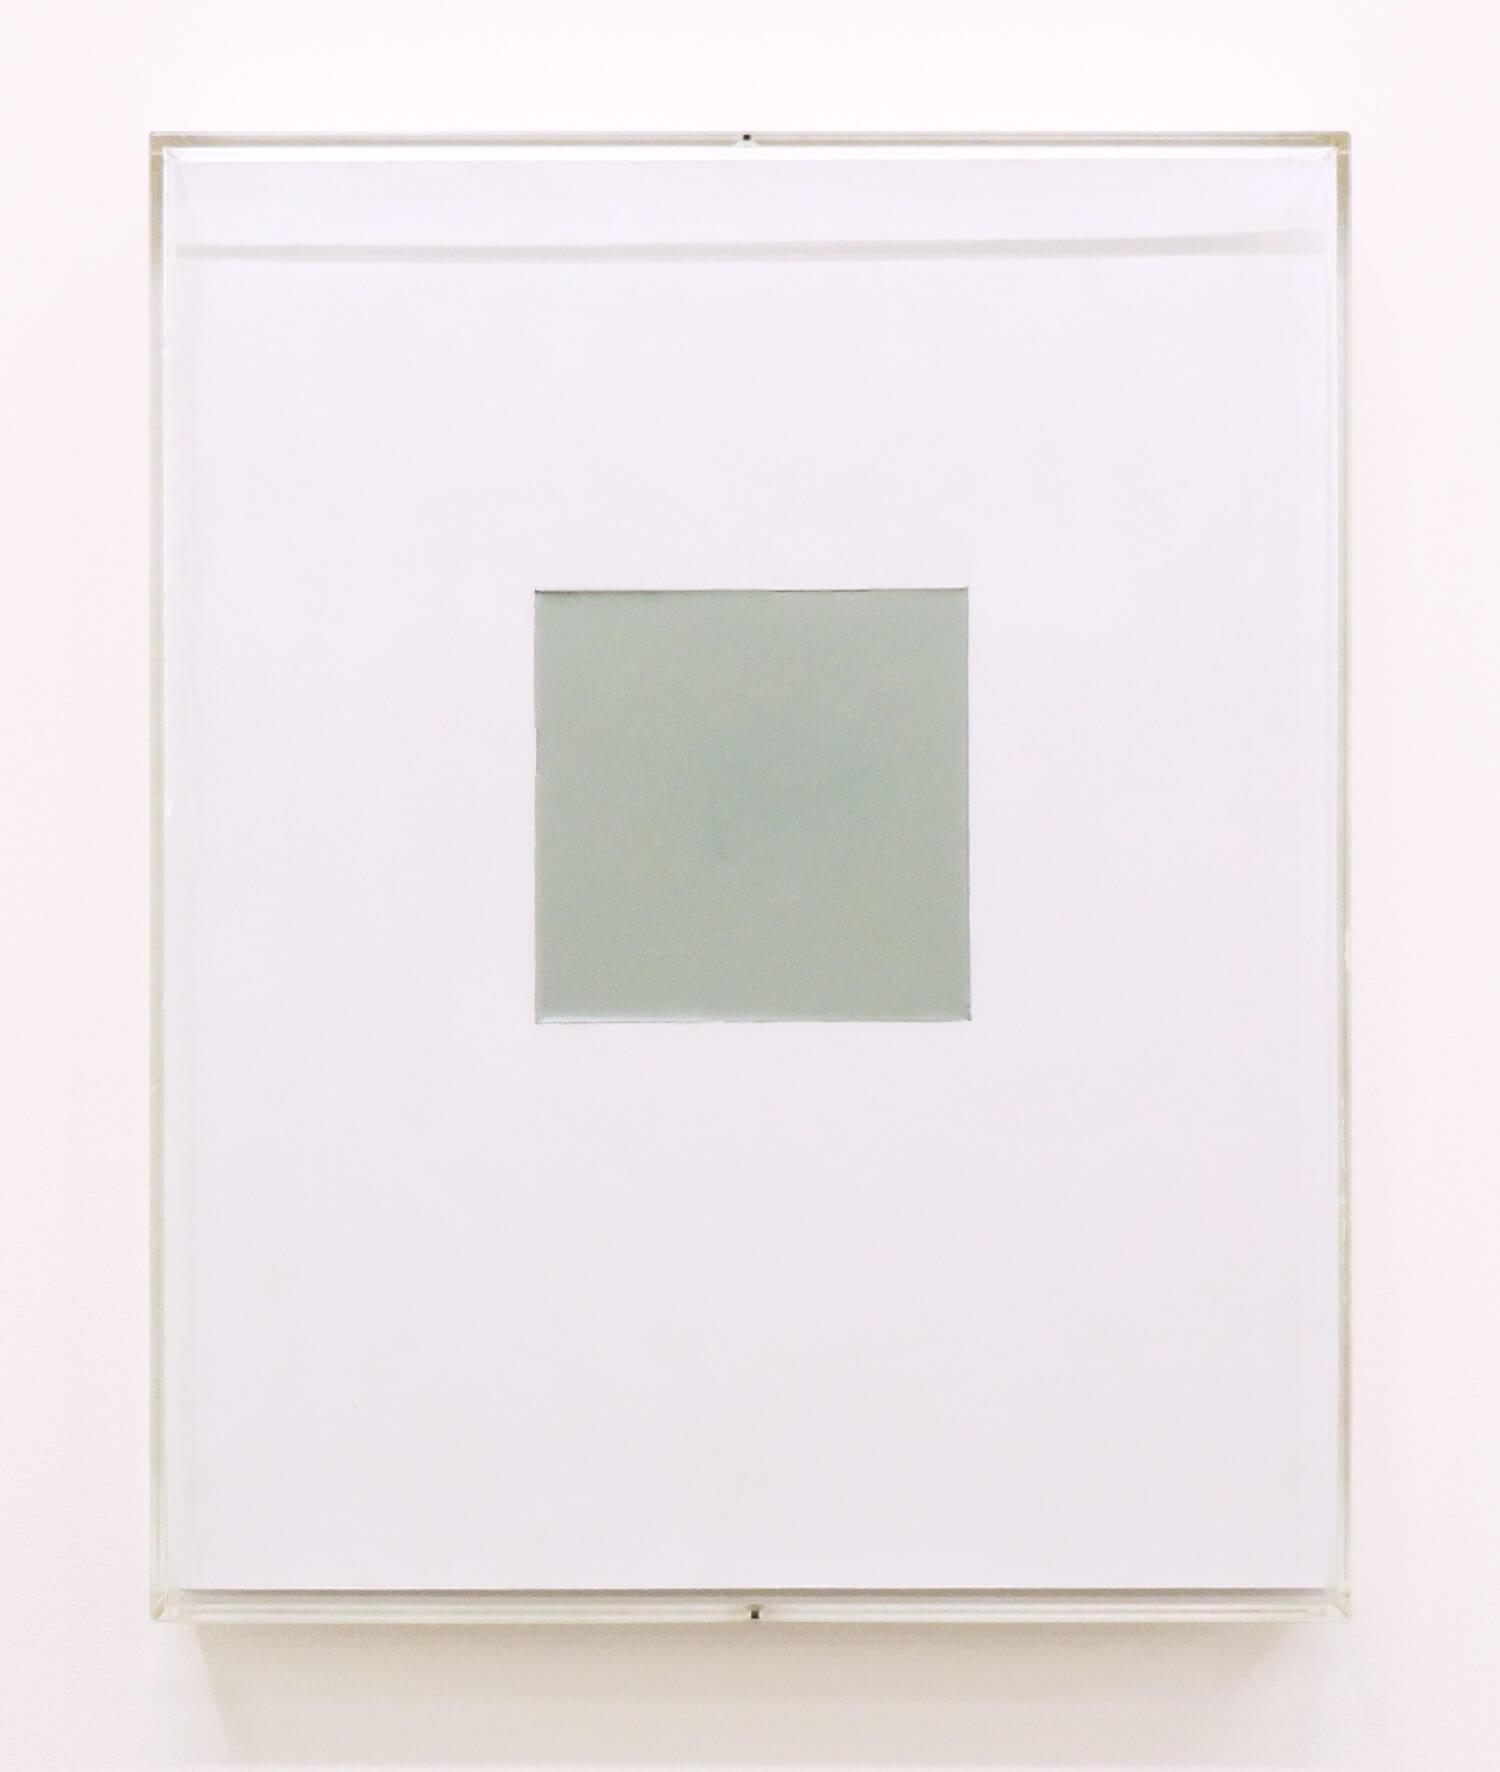 鈴木たかし<br>P0205 / acrylic on paper, 27 x 21 cm, 2002